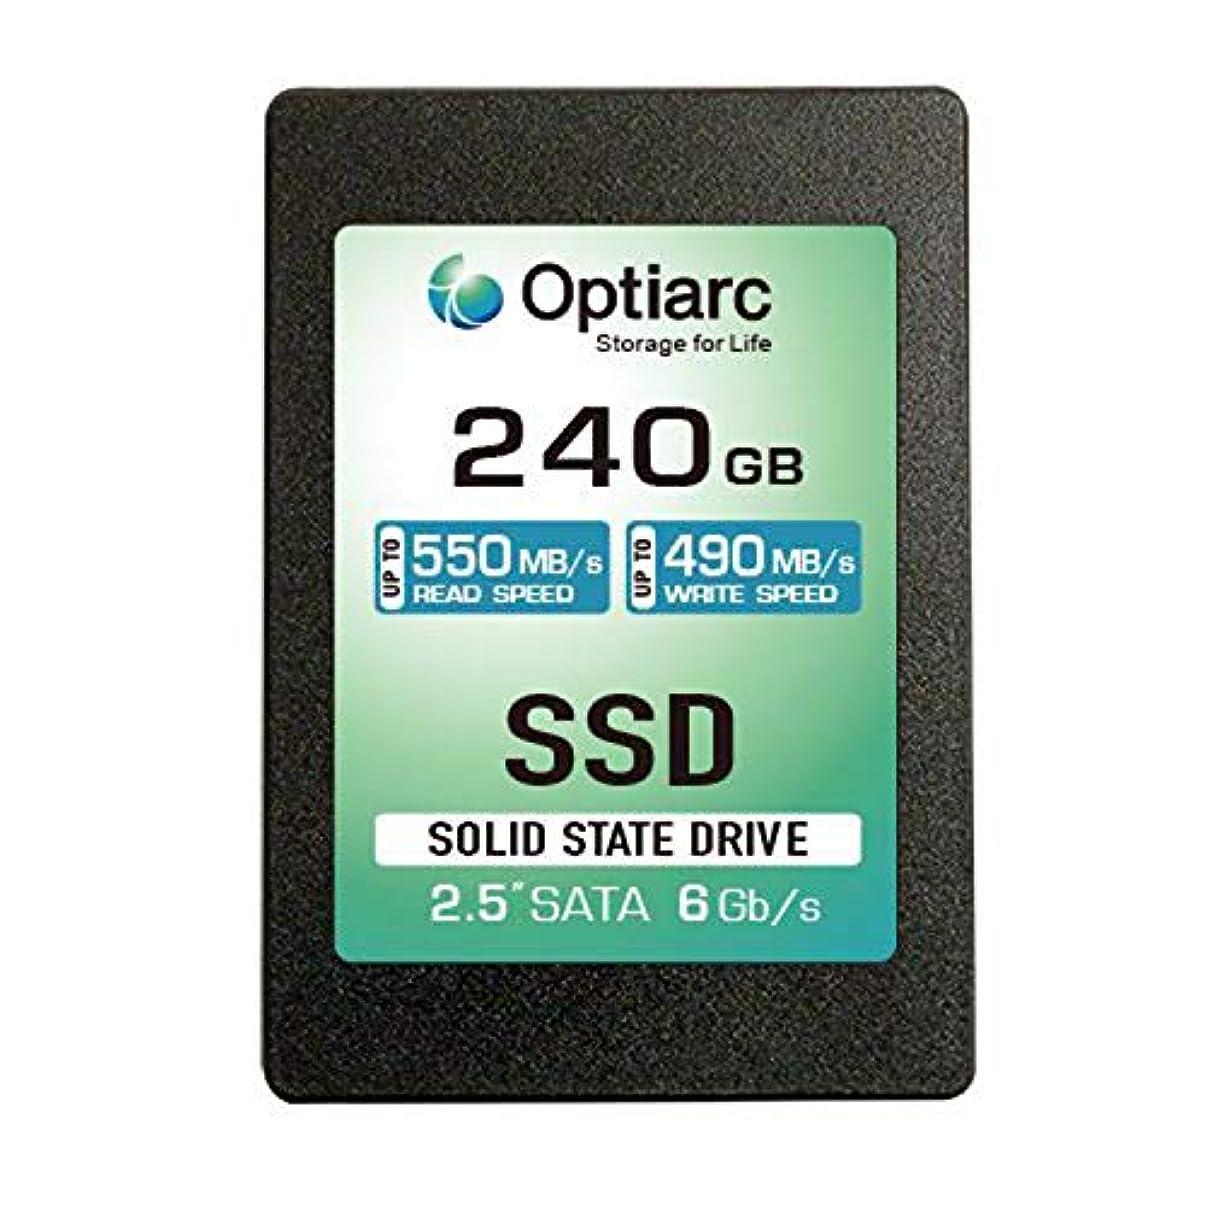 脅迫テスト束Optiarc SSD 240GB 内蔵ソリッドステートドライブ - SATA III 6 Gb/s 2.5インチ OPT240S325-R